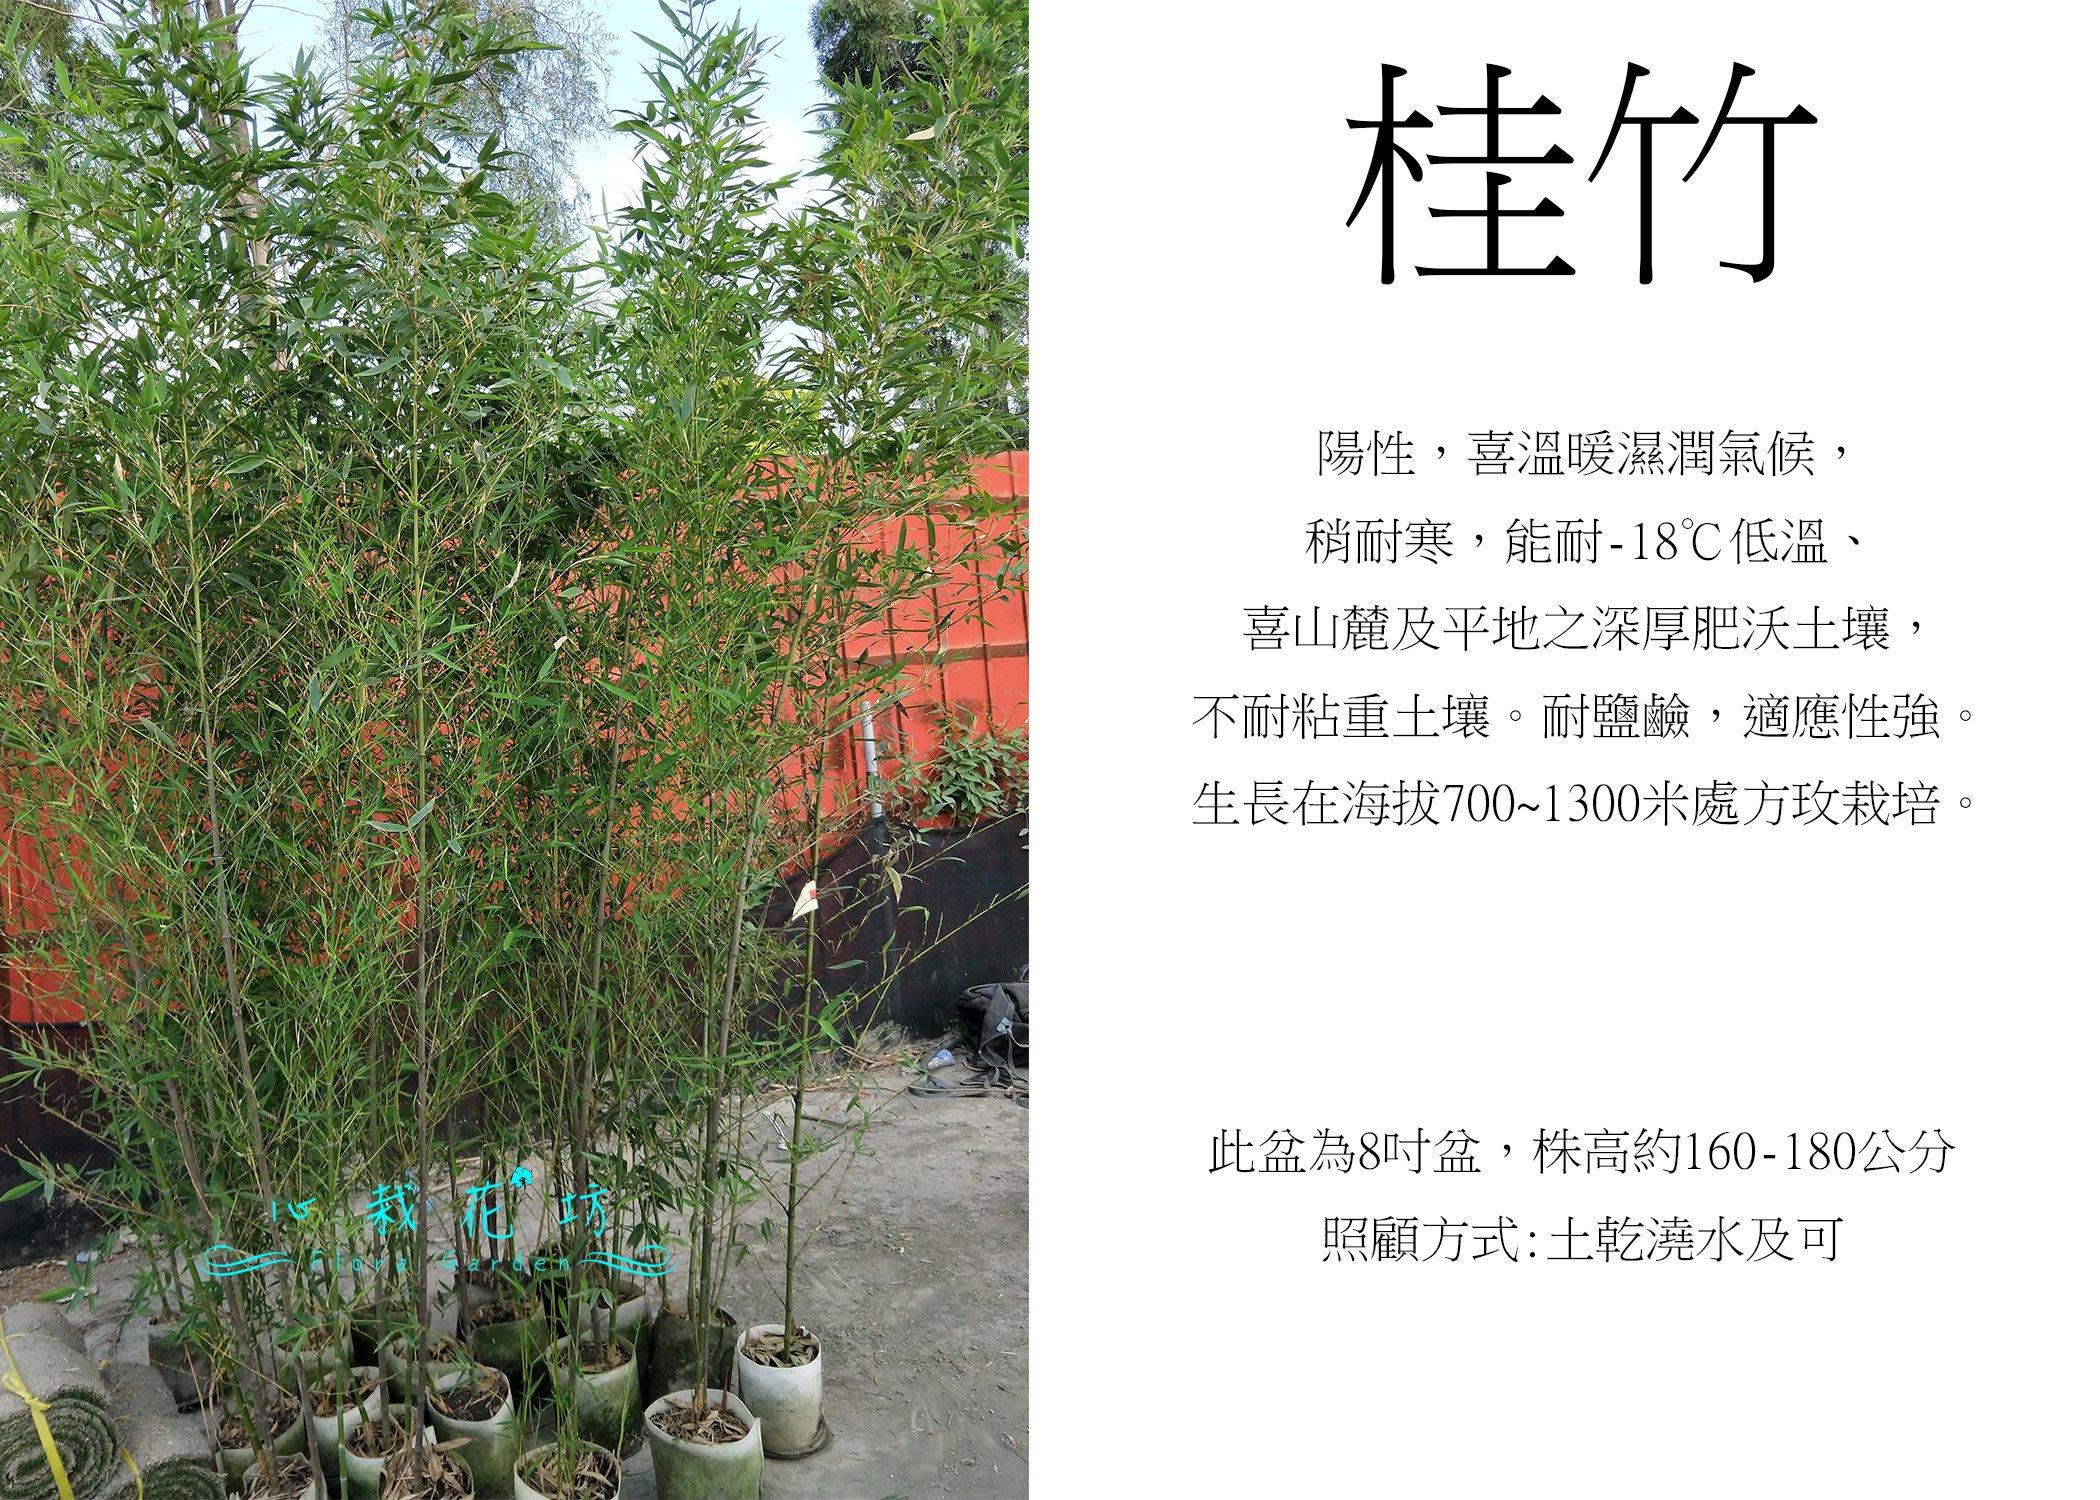 心栽花坊-桂竹/貴竹/富貴竹/竹子/6吋盆/綠化植物/綠籬植物/售價360特價300